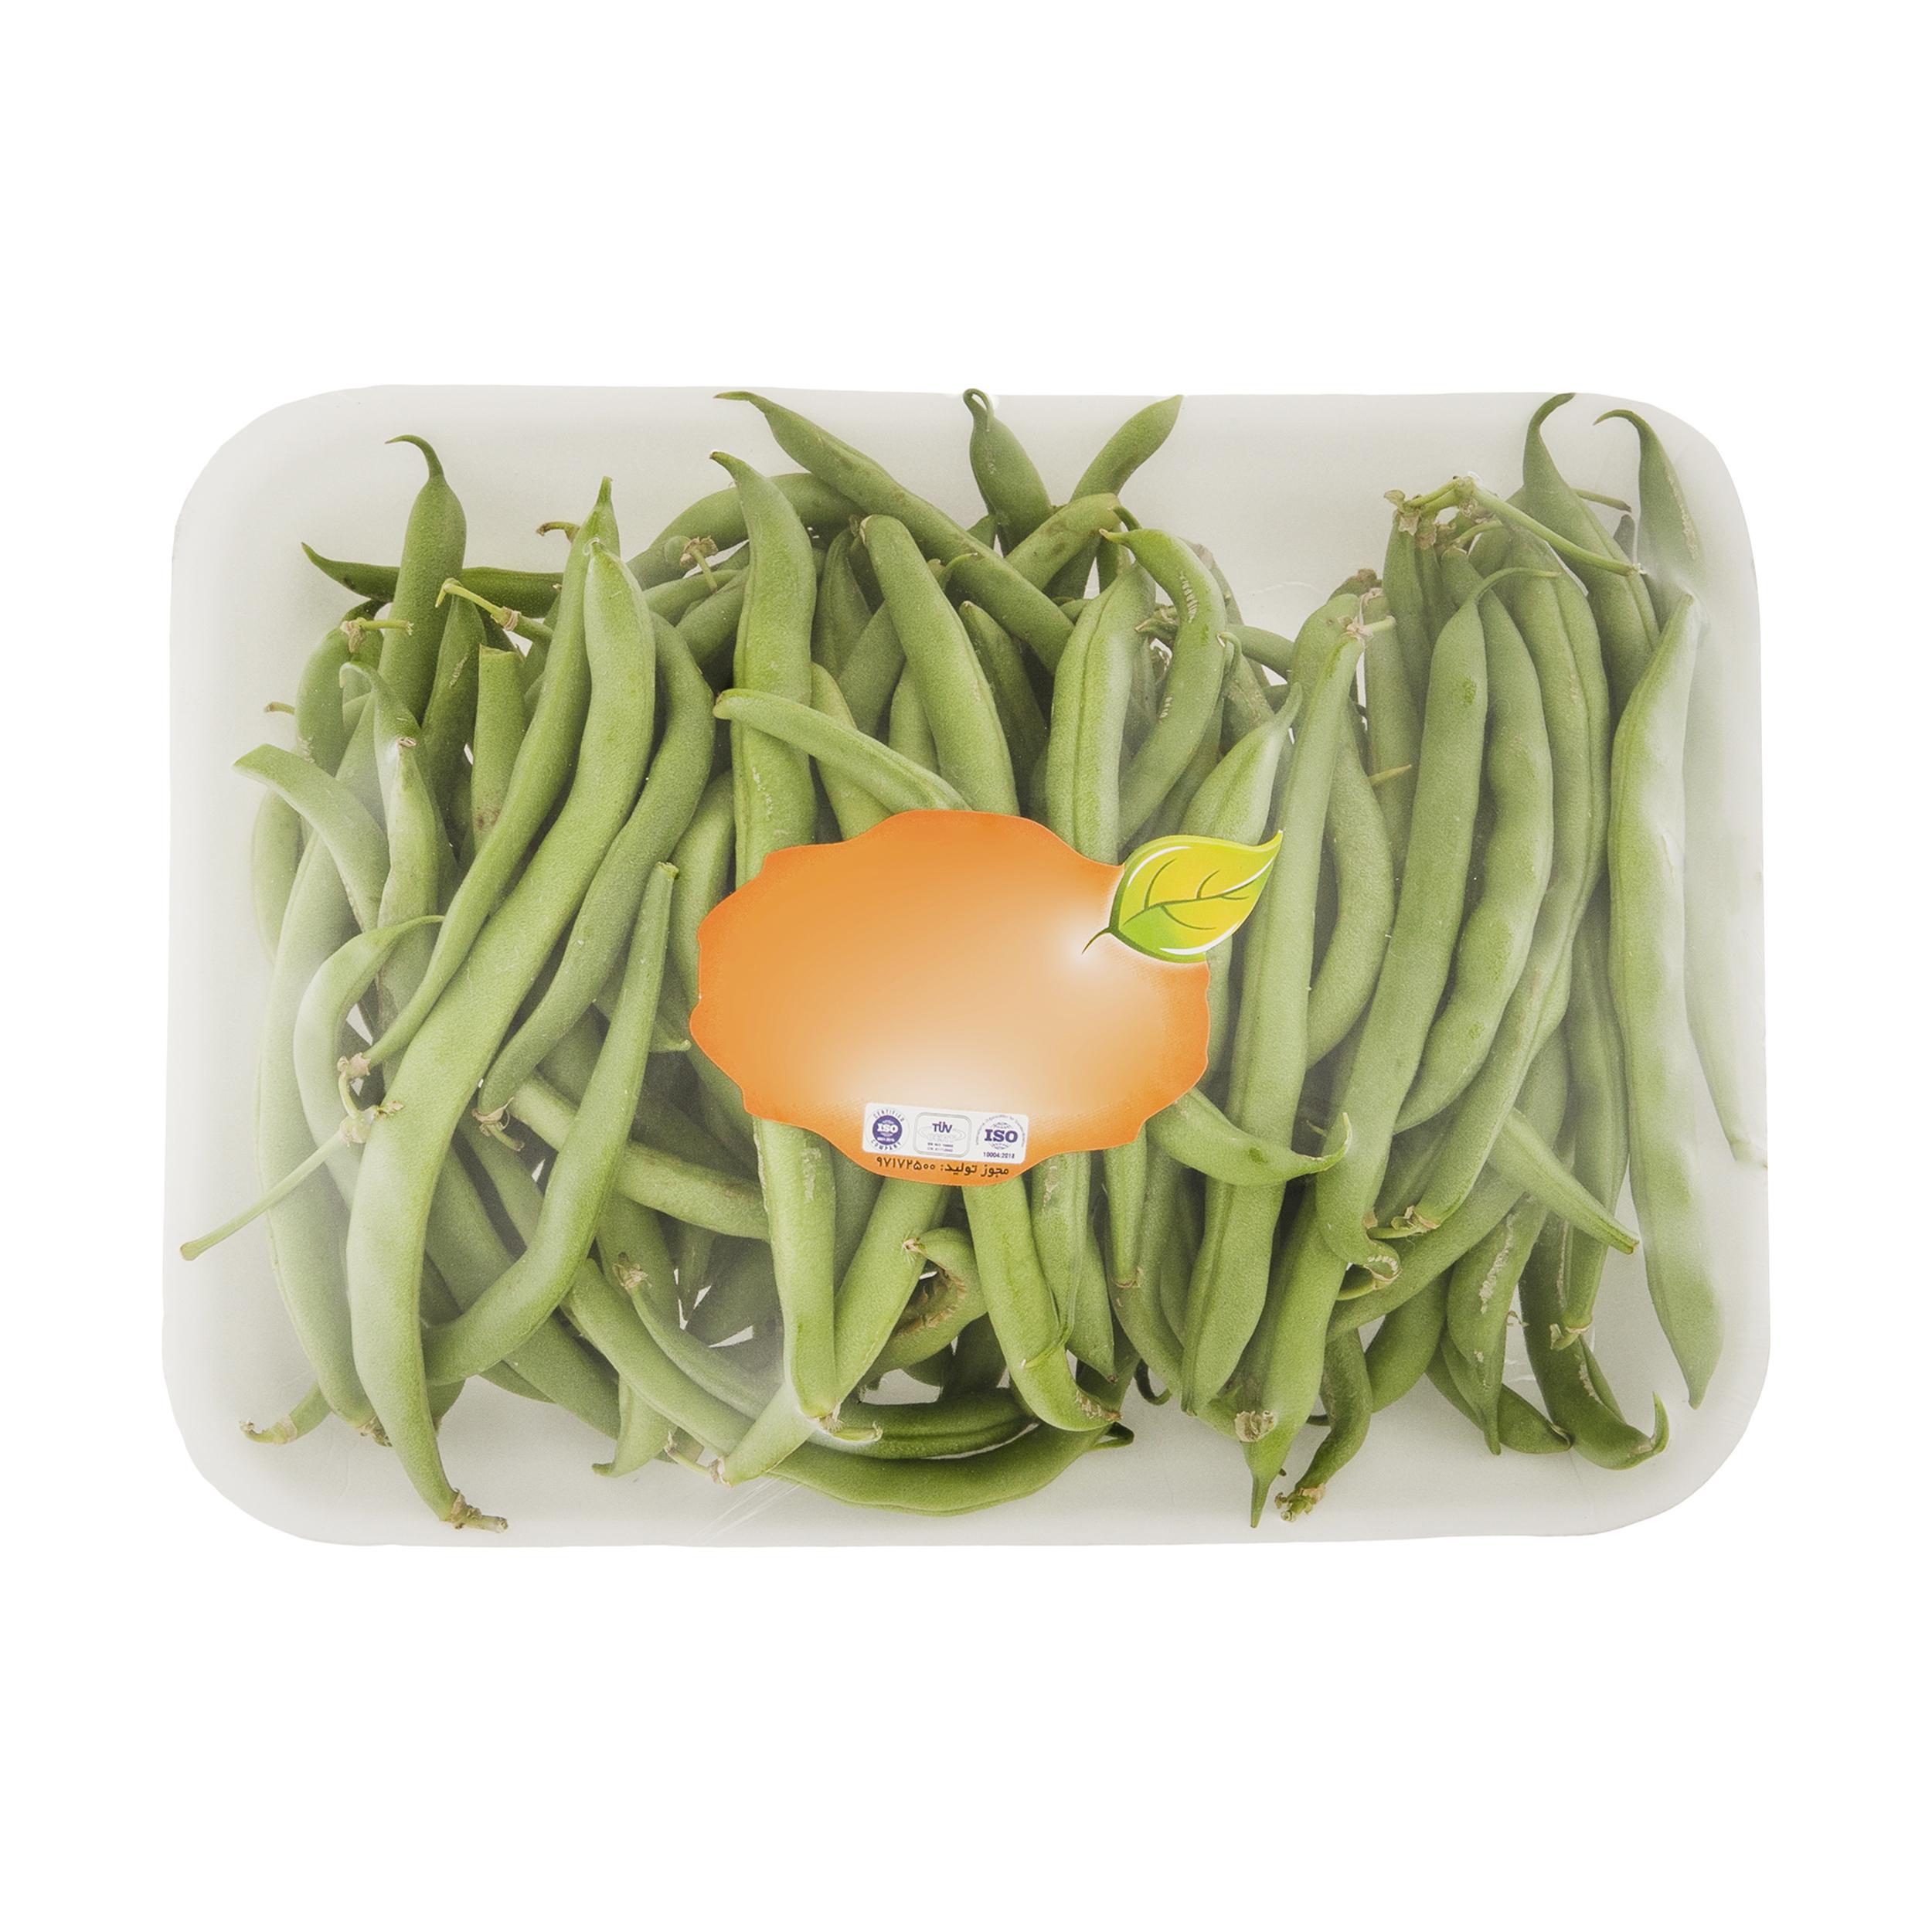 لوبیا سبز میوکات - 1 کیلوگرم